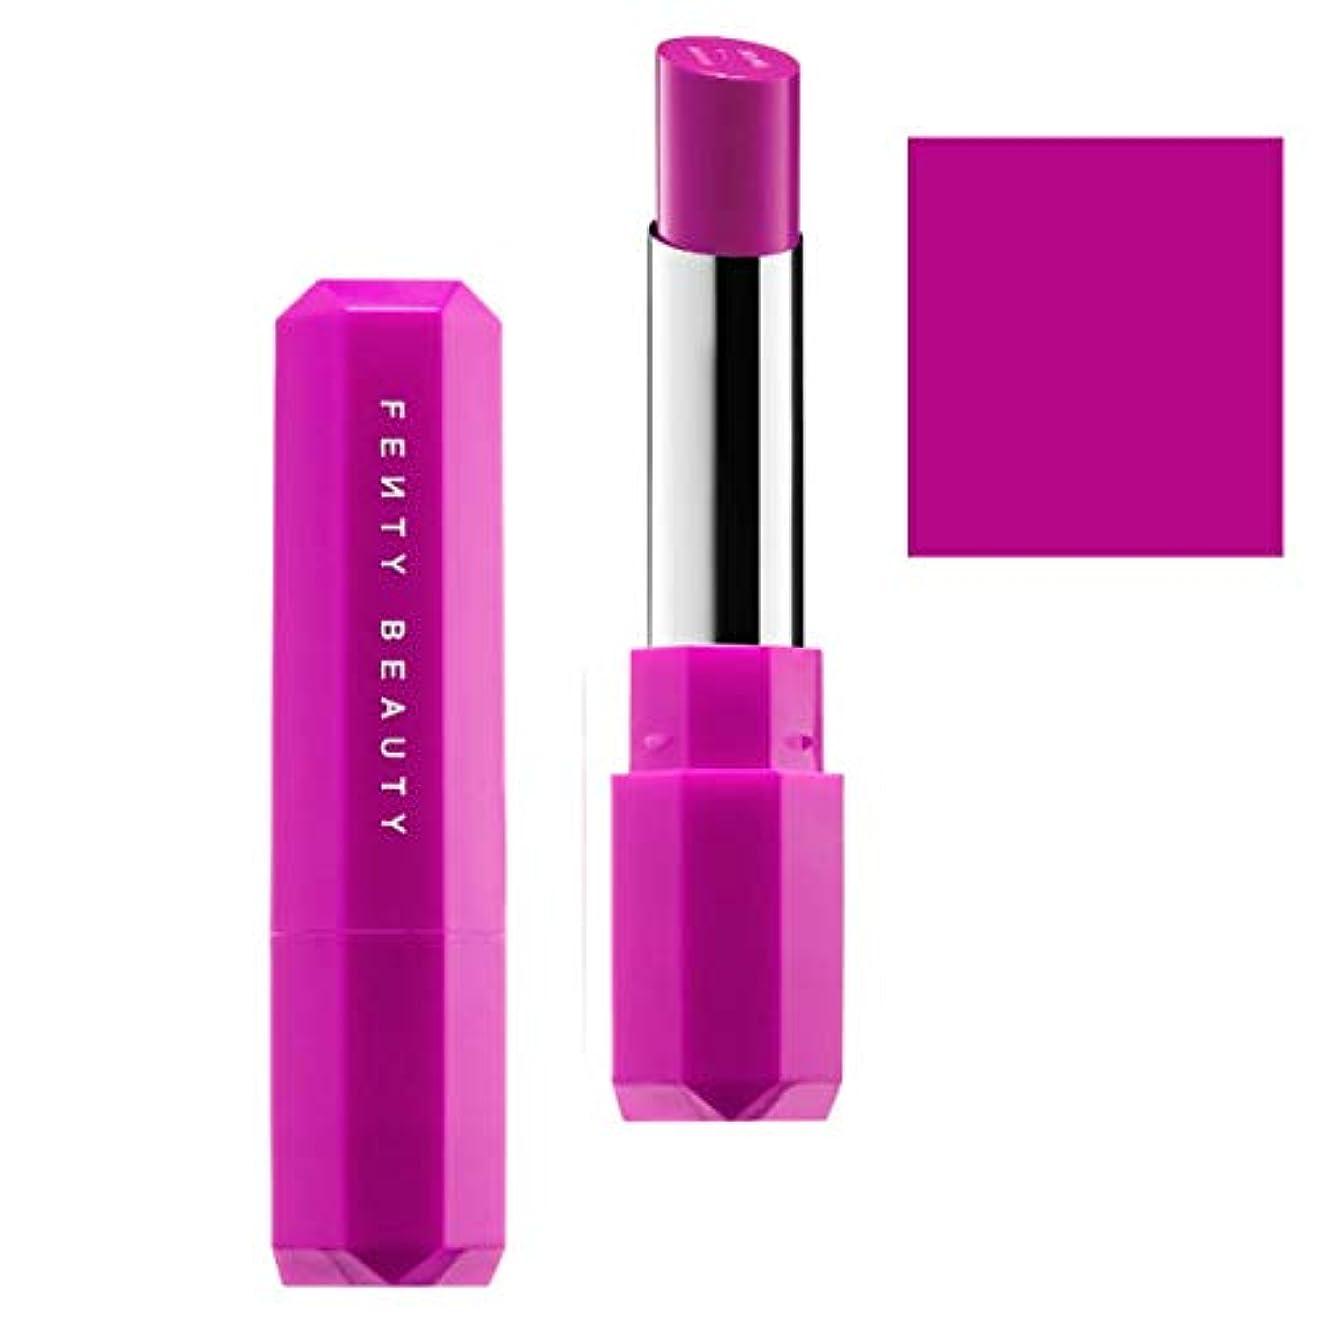 ルネッサンス上げる入口FENTY BEAUTY BY RIHANNA,New!!, 限定版 limited-edition, Poutsicle Juicy Satin Lipstick - Purpcicle [海外直送品] [並行輸入品]